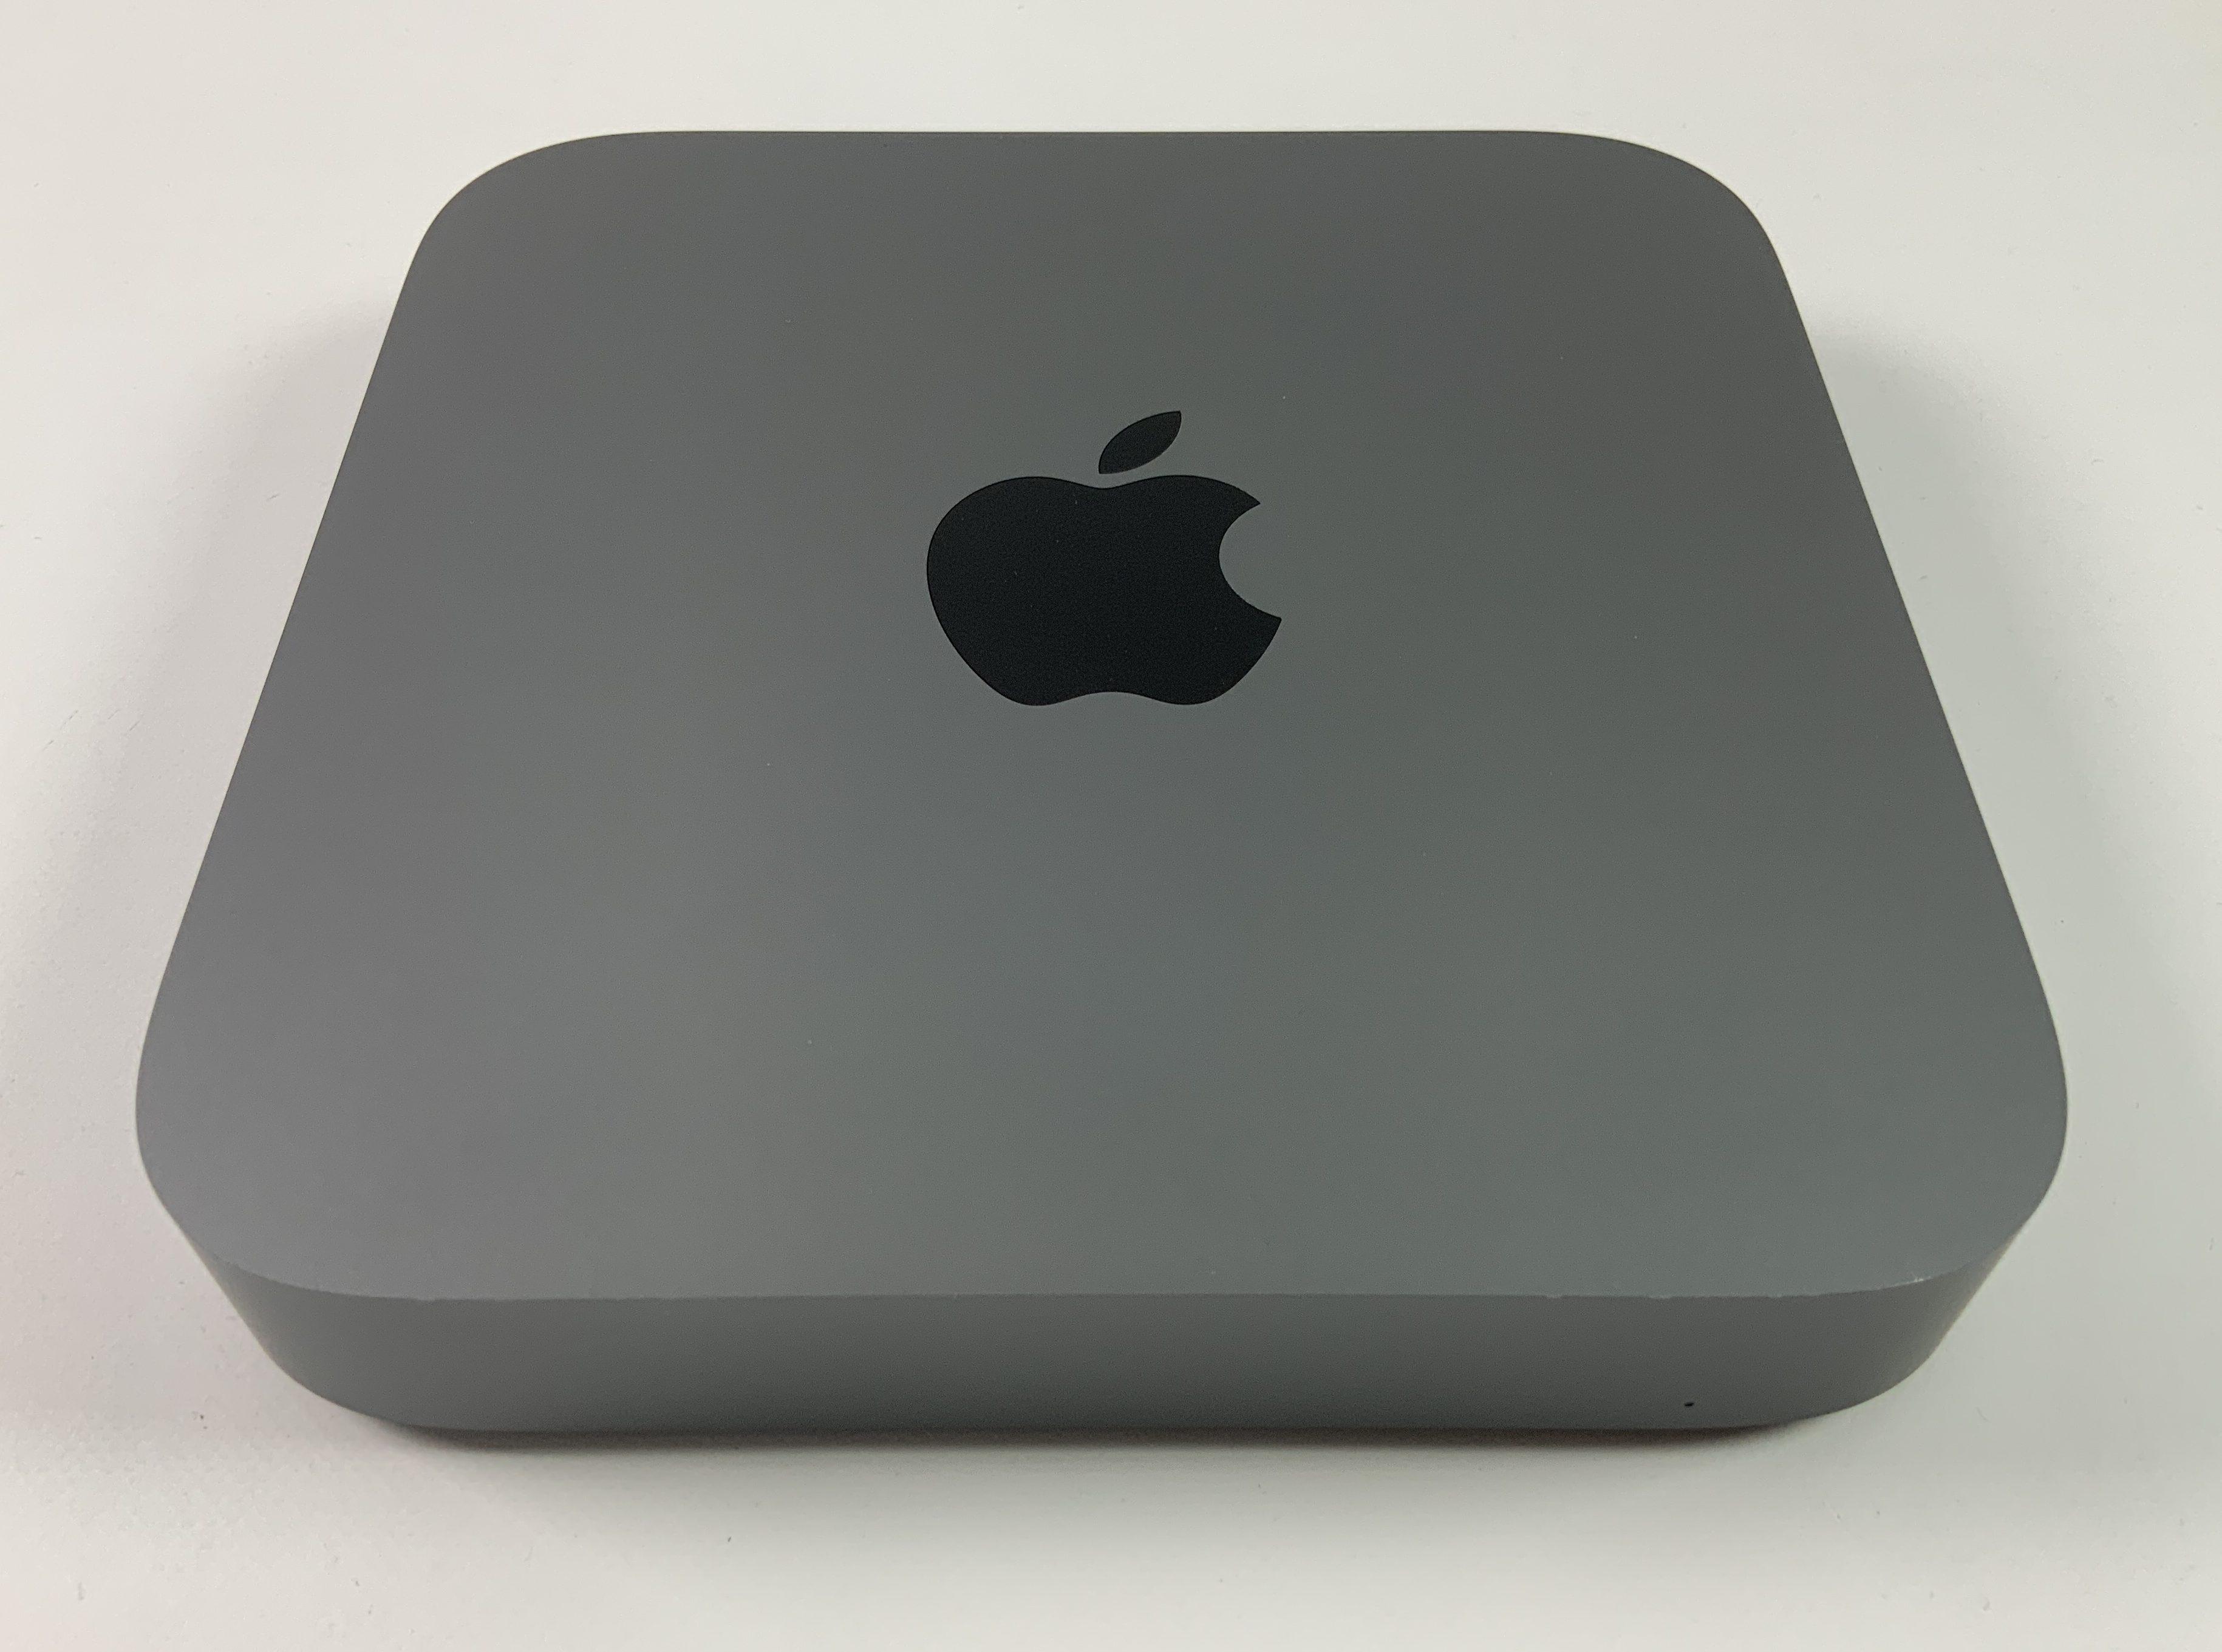 Mac Mini Late 2018 (Intel Quad-Core i3 3.6 GHz 64 GB RAM 2 TB SSD), Intel 6-Core i7 3.2 GHz, 64 GB RAM, 2 TB SSD, bild 1